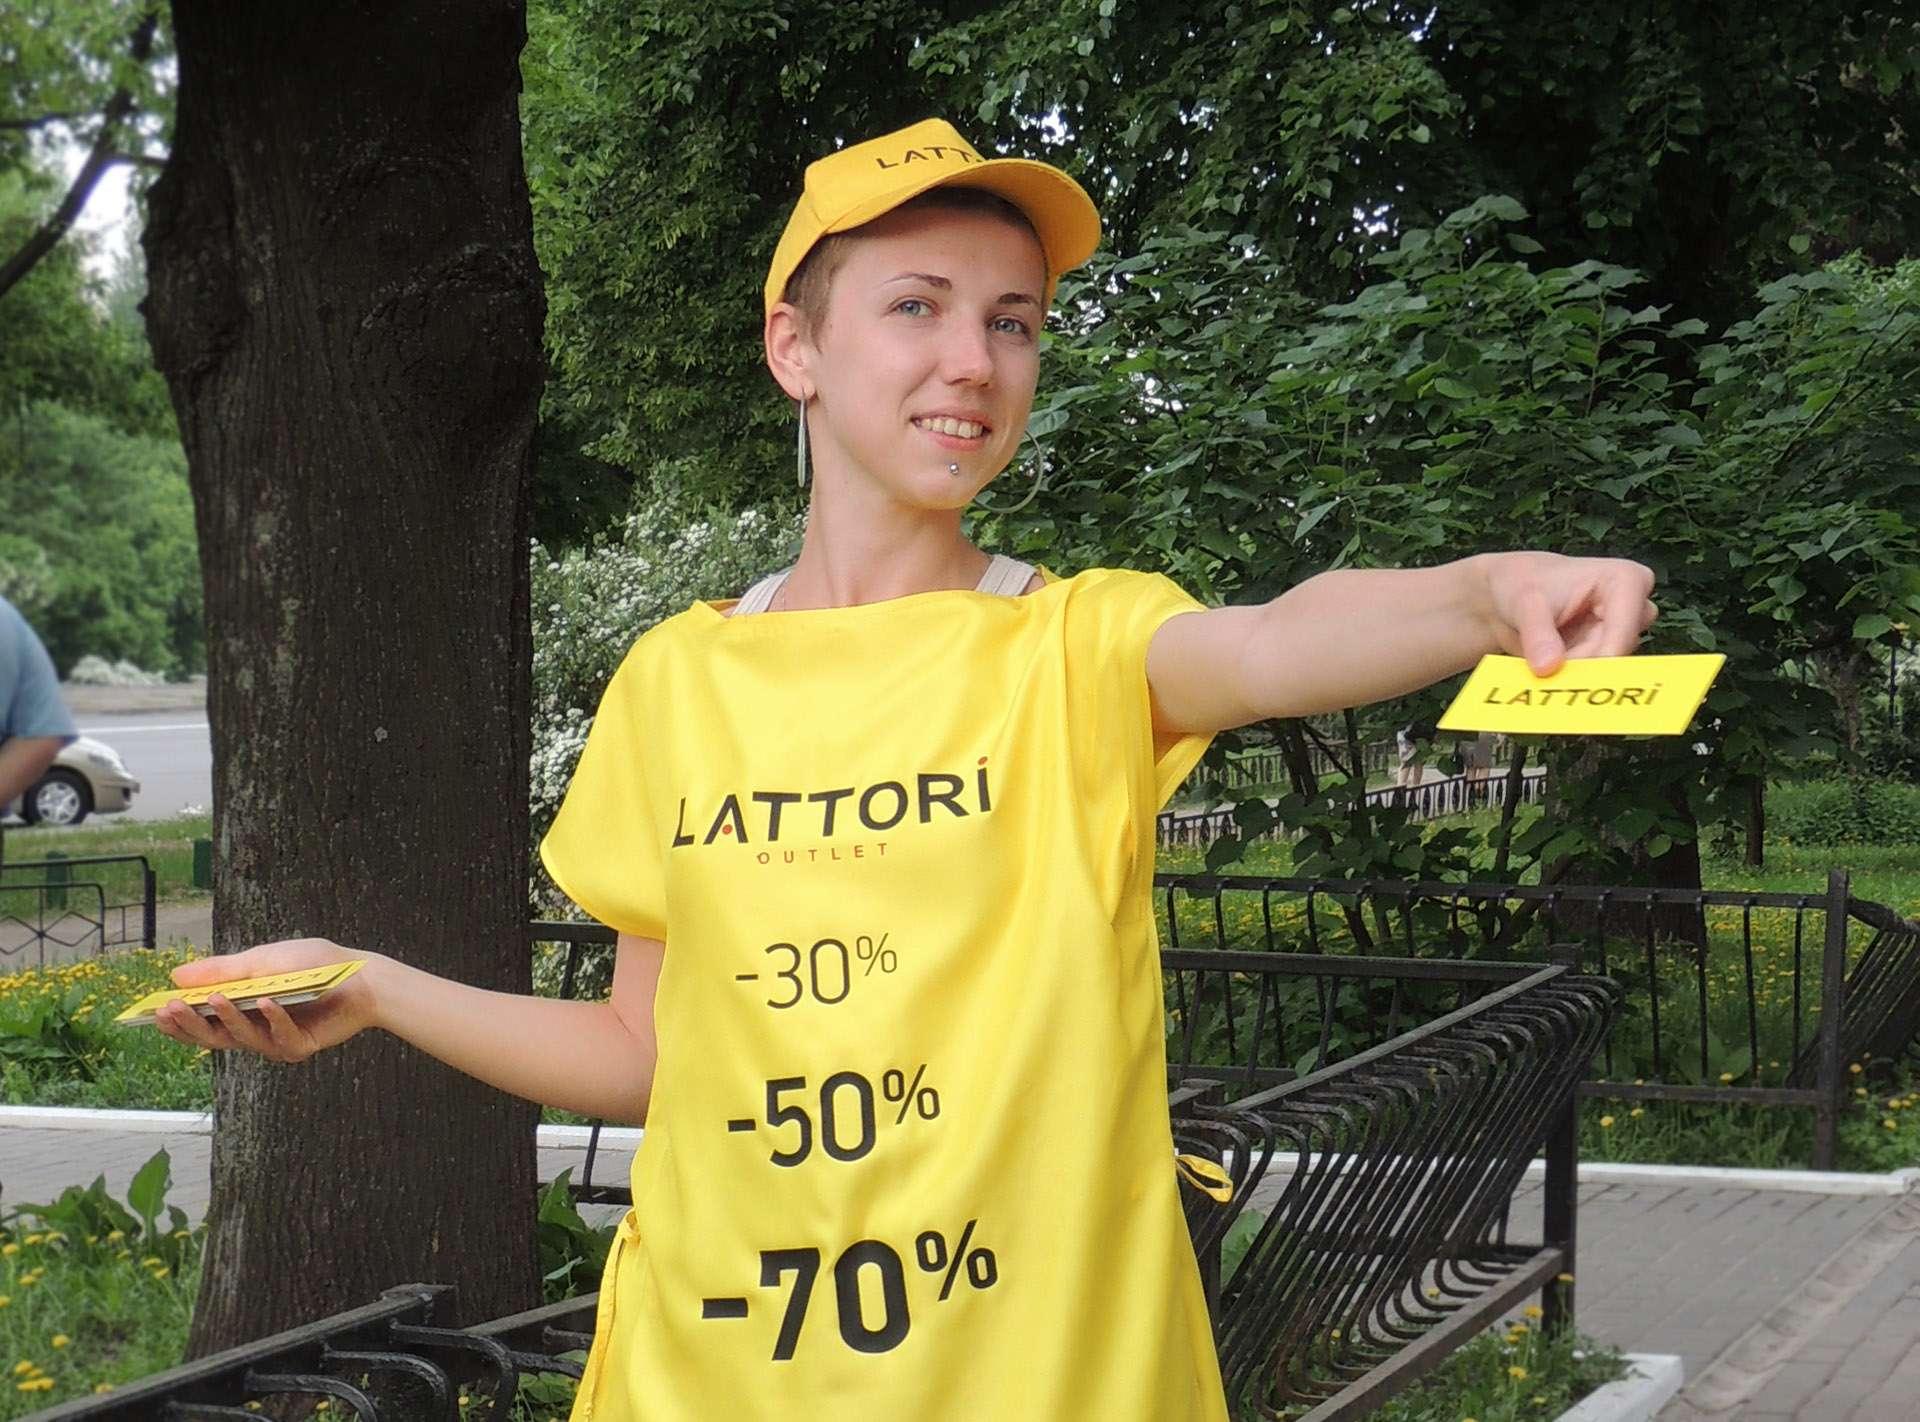 Промо одежда, униформа для персонала, дизайн униформы, корпоративная униформа